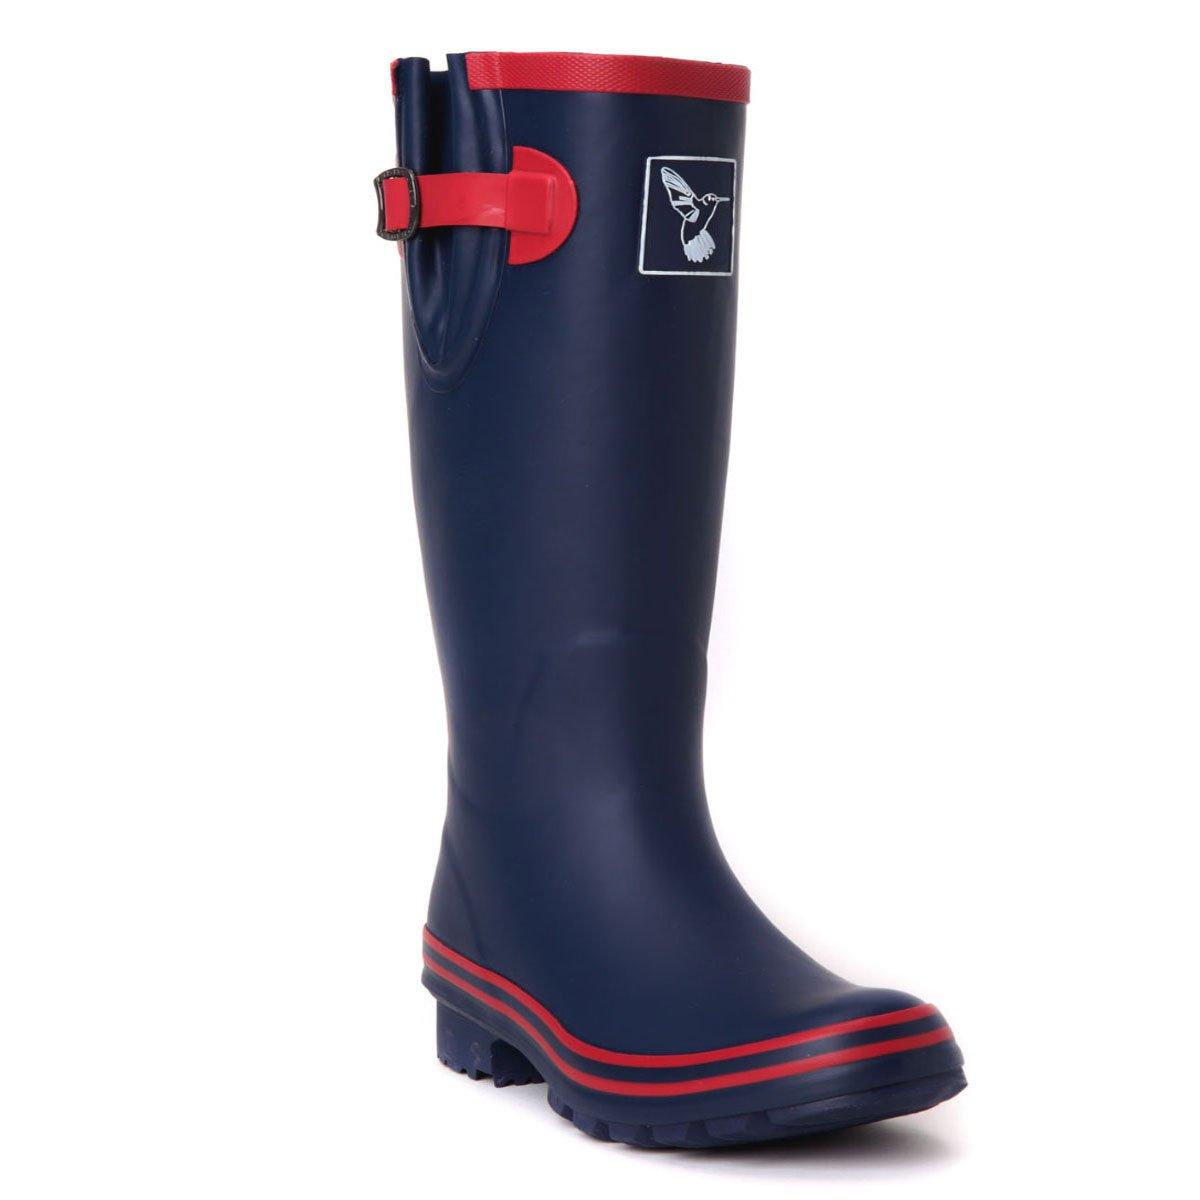 Evercreatures Women's Rain Boots UK Brand Original Tall Rain Boot Gumboots Wellies B01M5FS20E 10 B(M) US / UK8 / EU41|Blue + Red